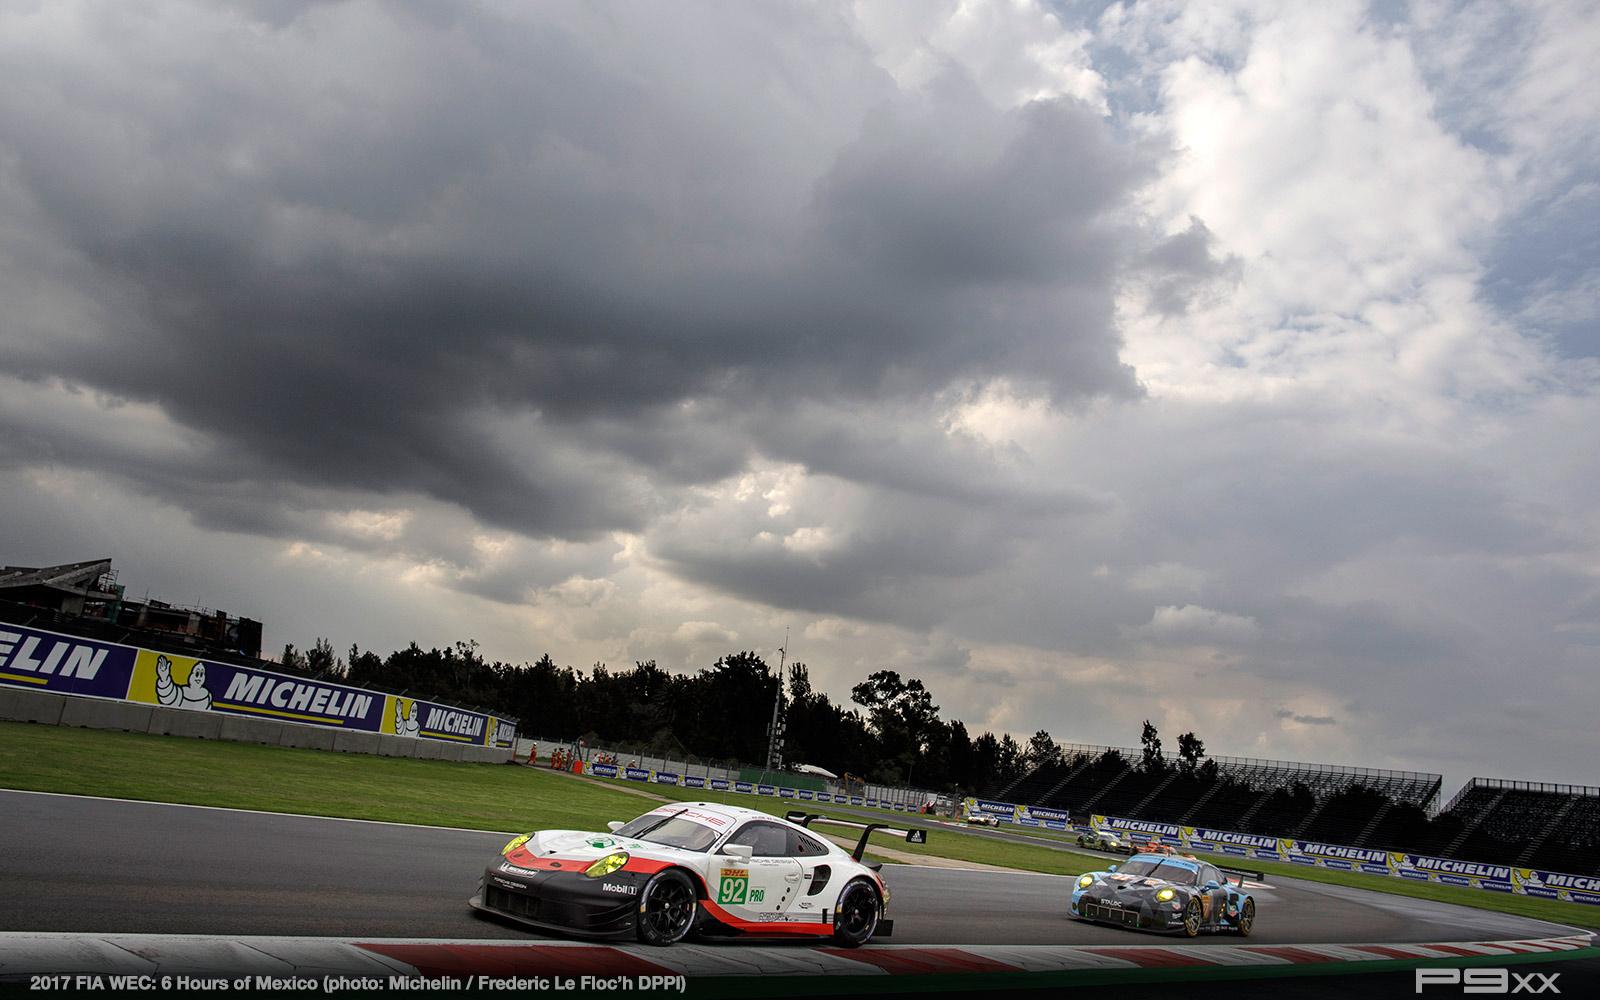 2017-FIA-WEC-6-HOURS-MEXICO-PORSCHE-exico_FLF_02117008_501141238